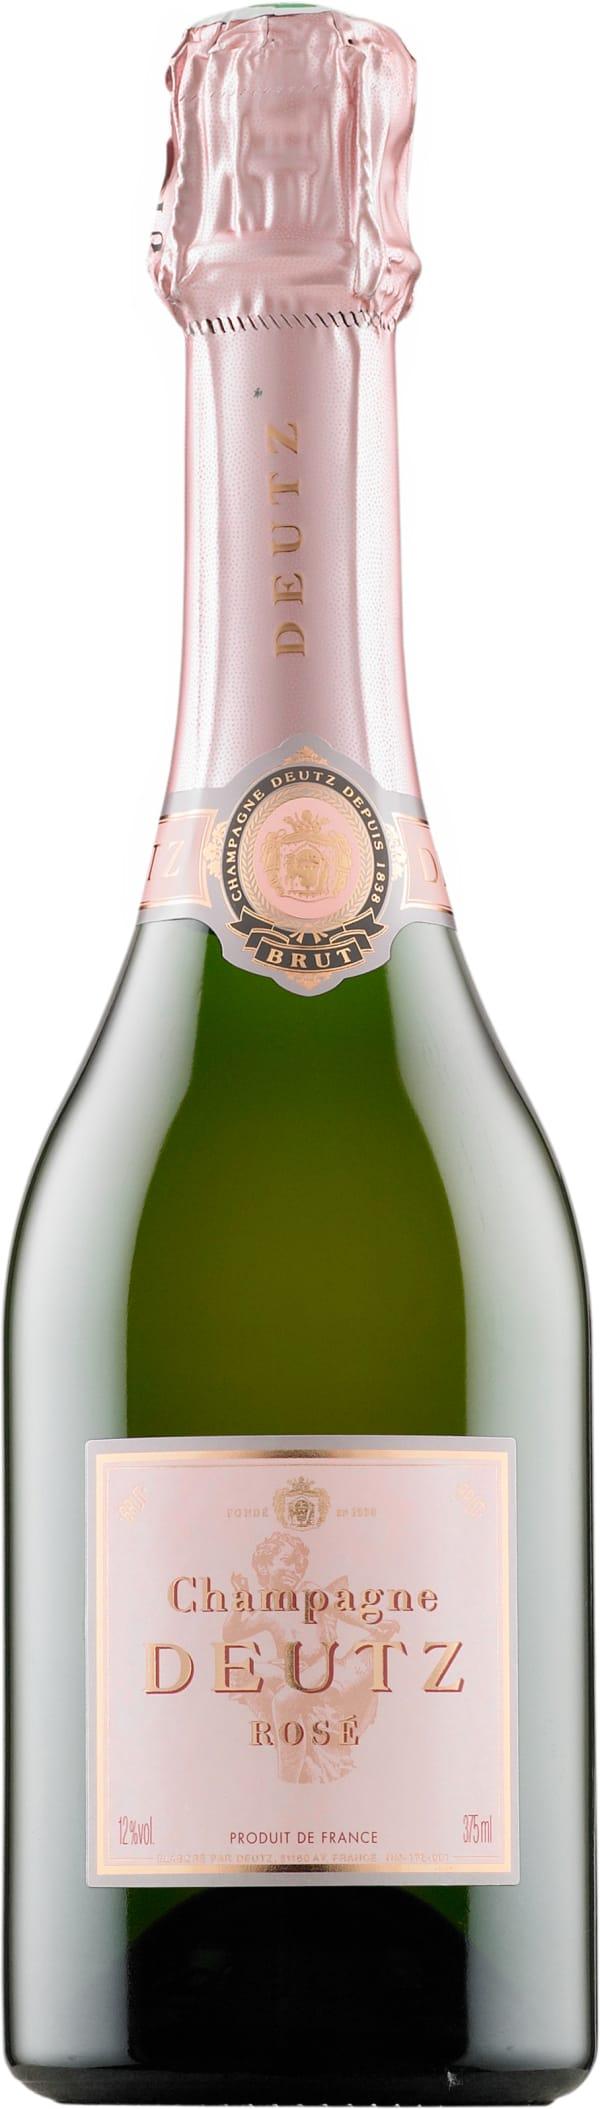 Deutz Rosé Champagne Brut